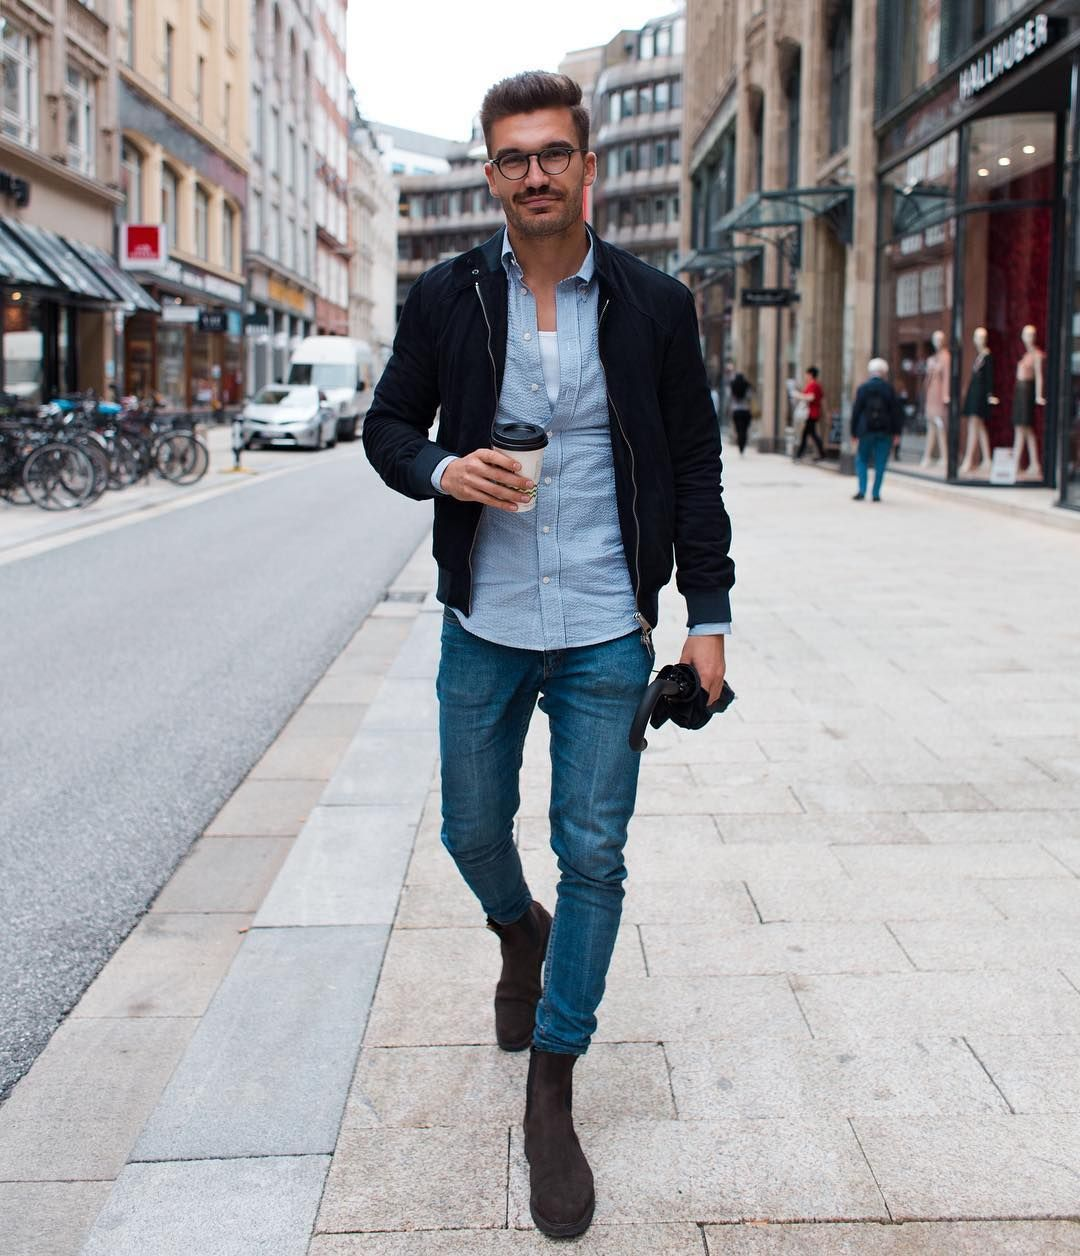 c3ff2d1a622a Justus Frederic Hansen ( justusf hansen) • Instagram-Fotos und -Videos